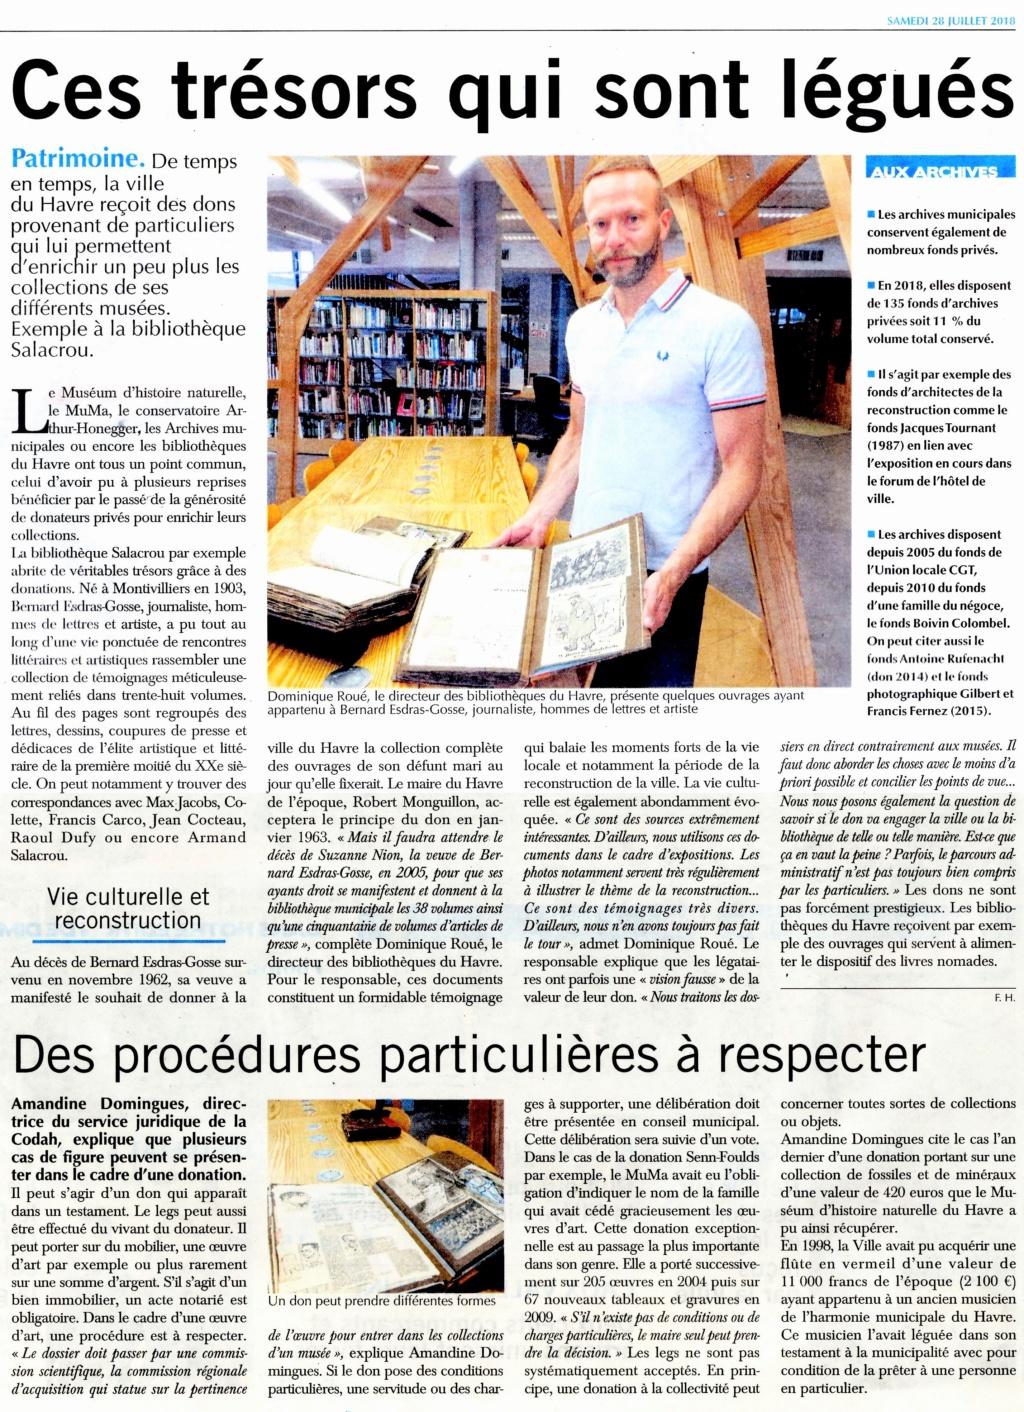 Ces trésors qui sont légués aux archives du Havre 2018-031